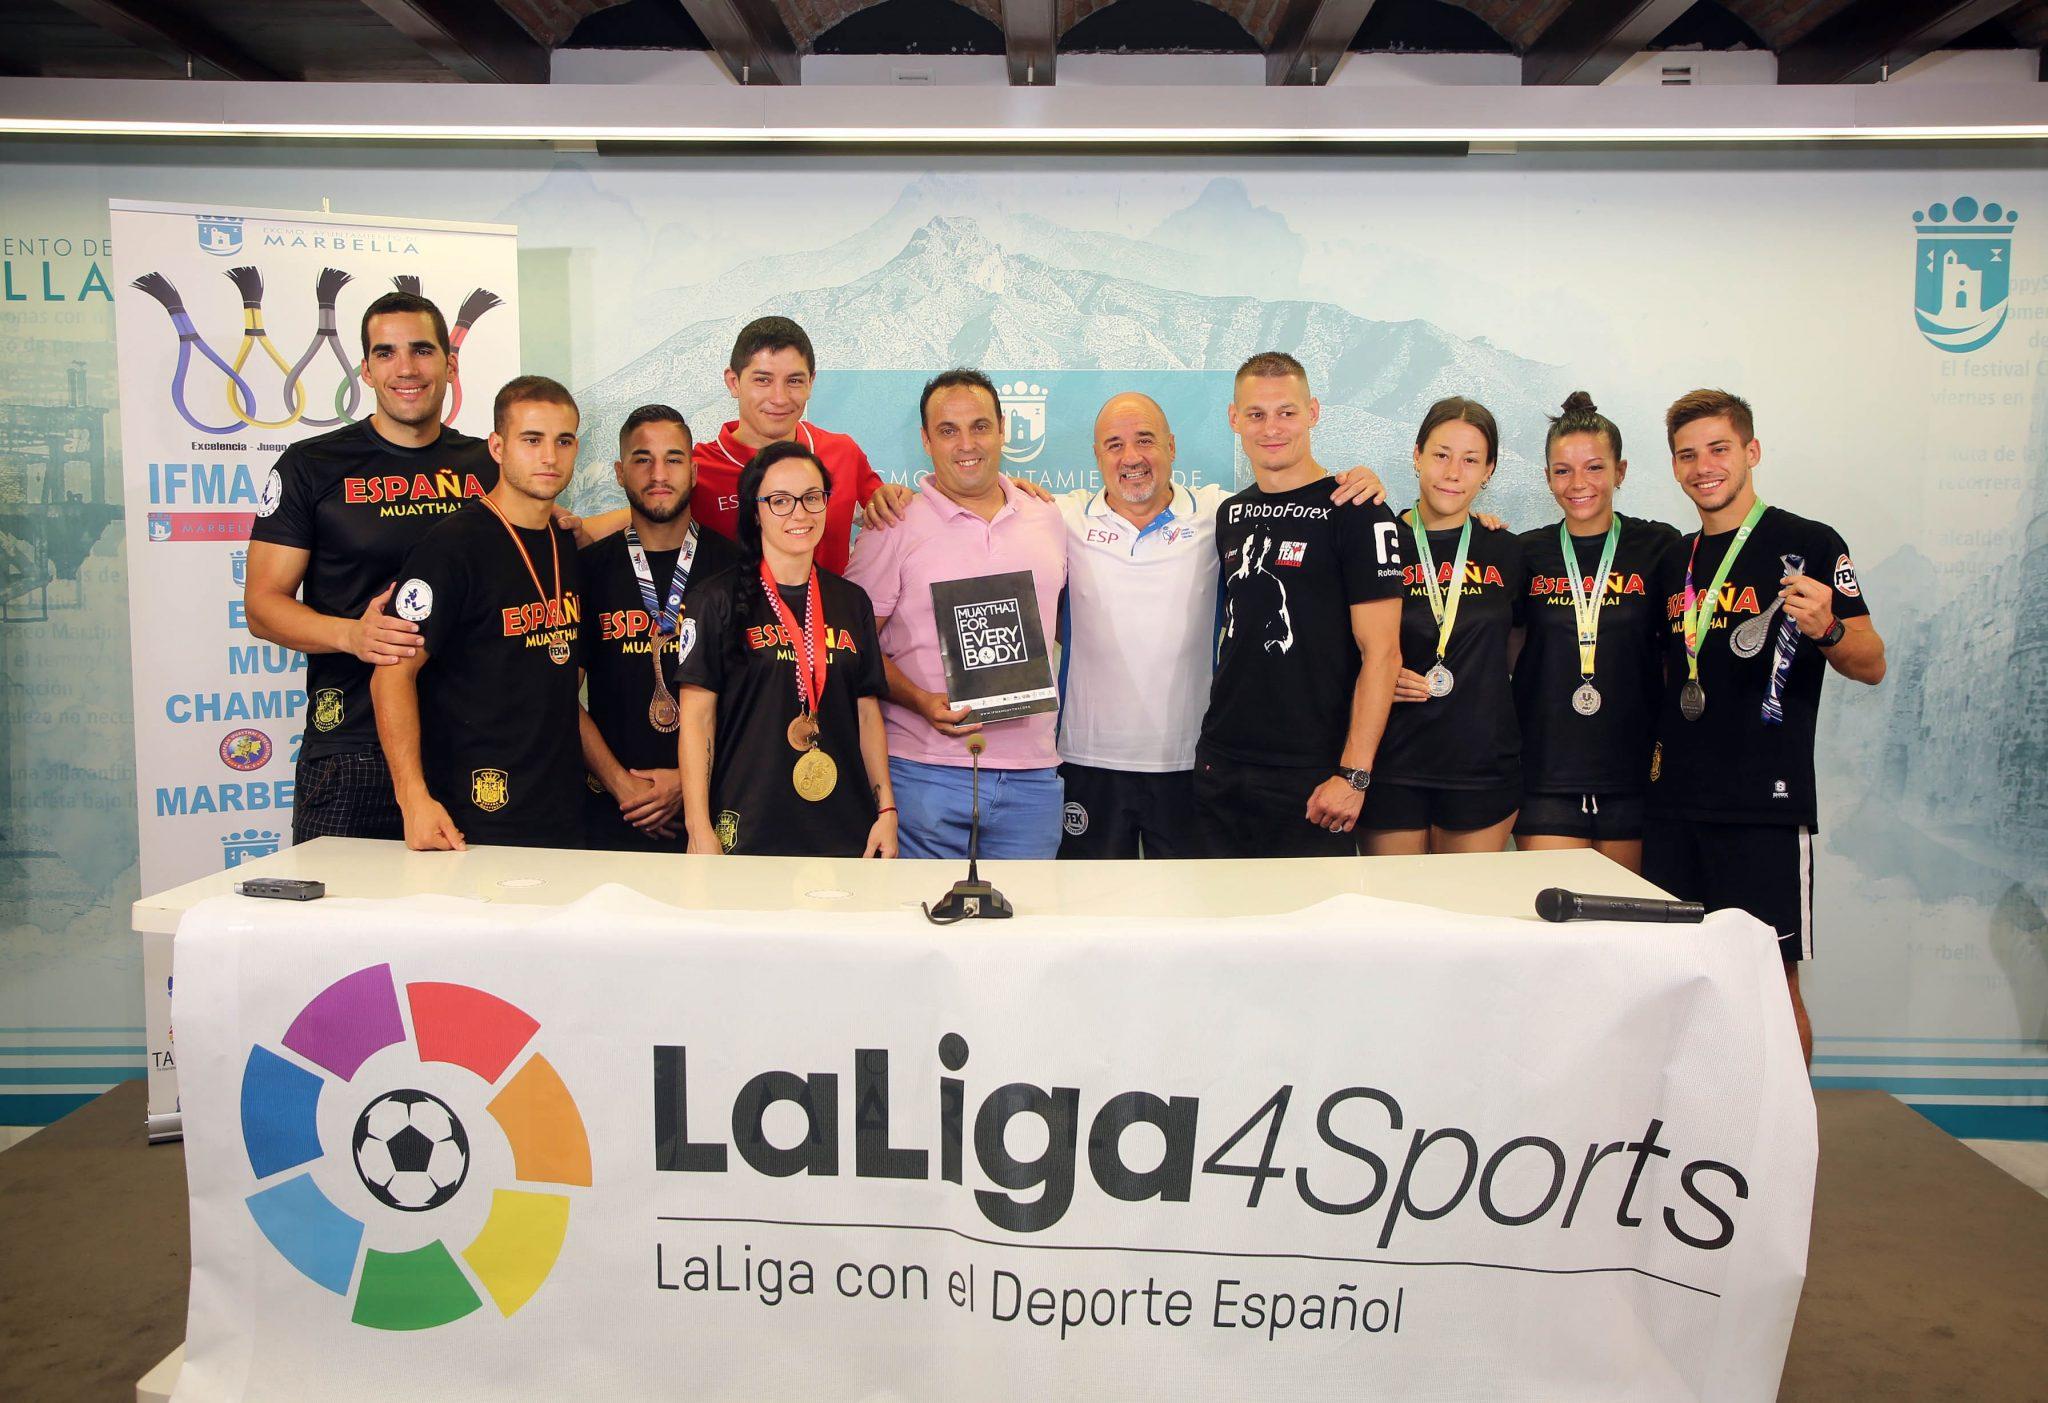 Marbella se convertirá en la primera ciudad española en acoger el Campeonato de Europa de Muay Thai